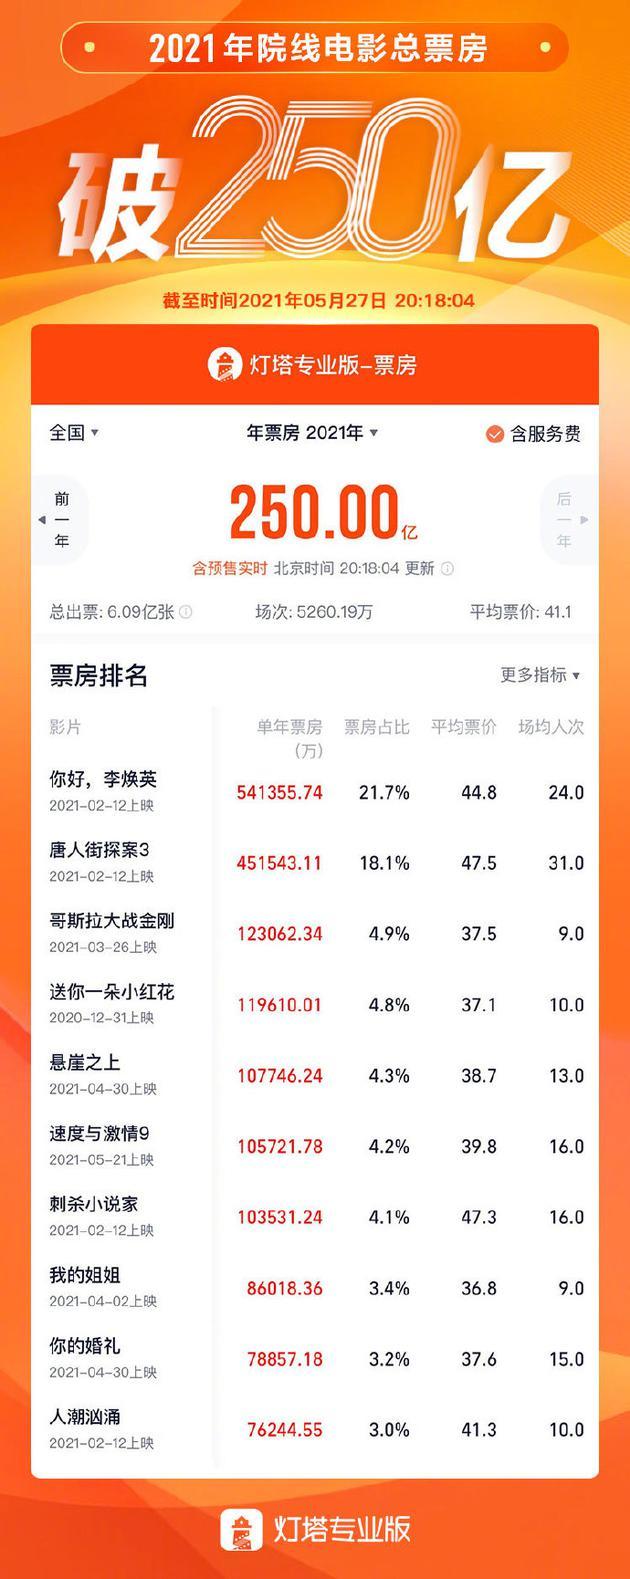 中国电影市场2021年度总票房(含预售)突破250亿元